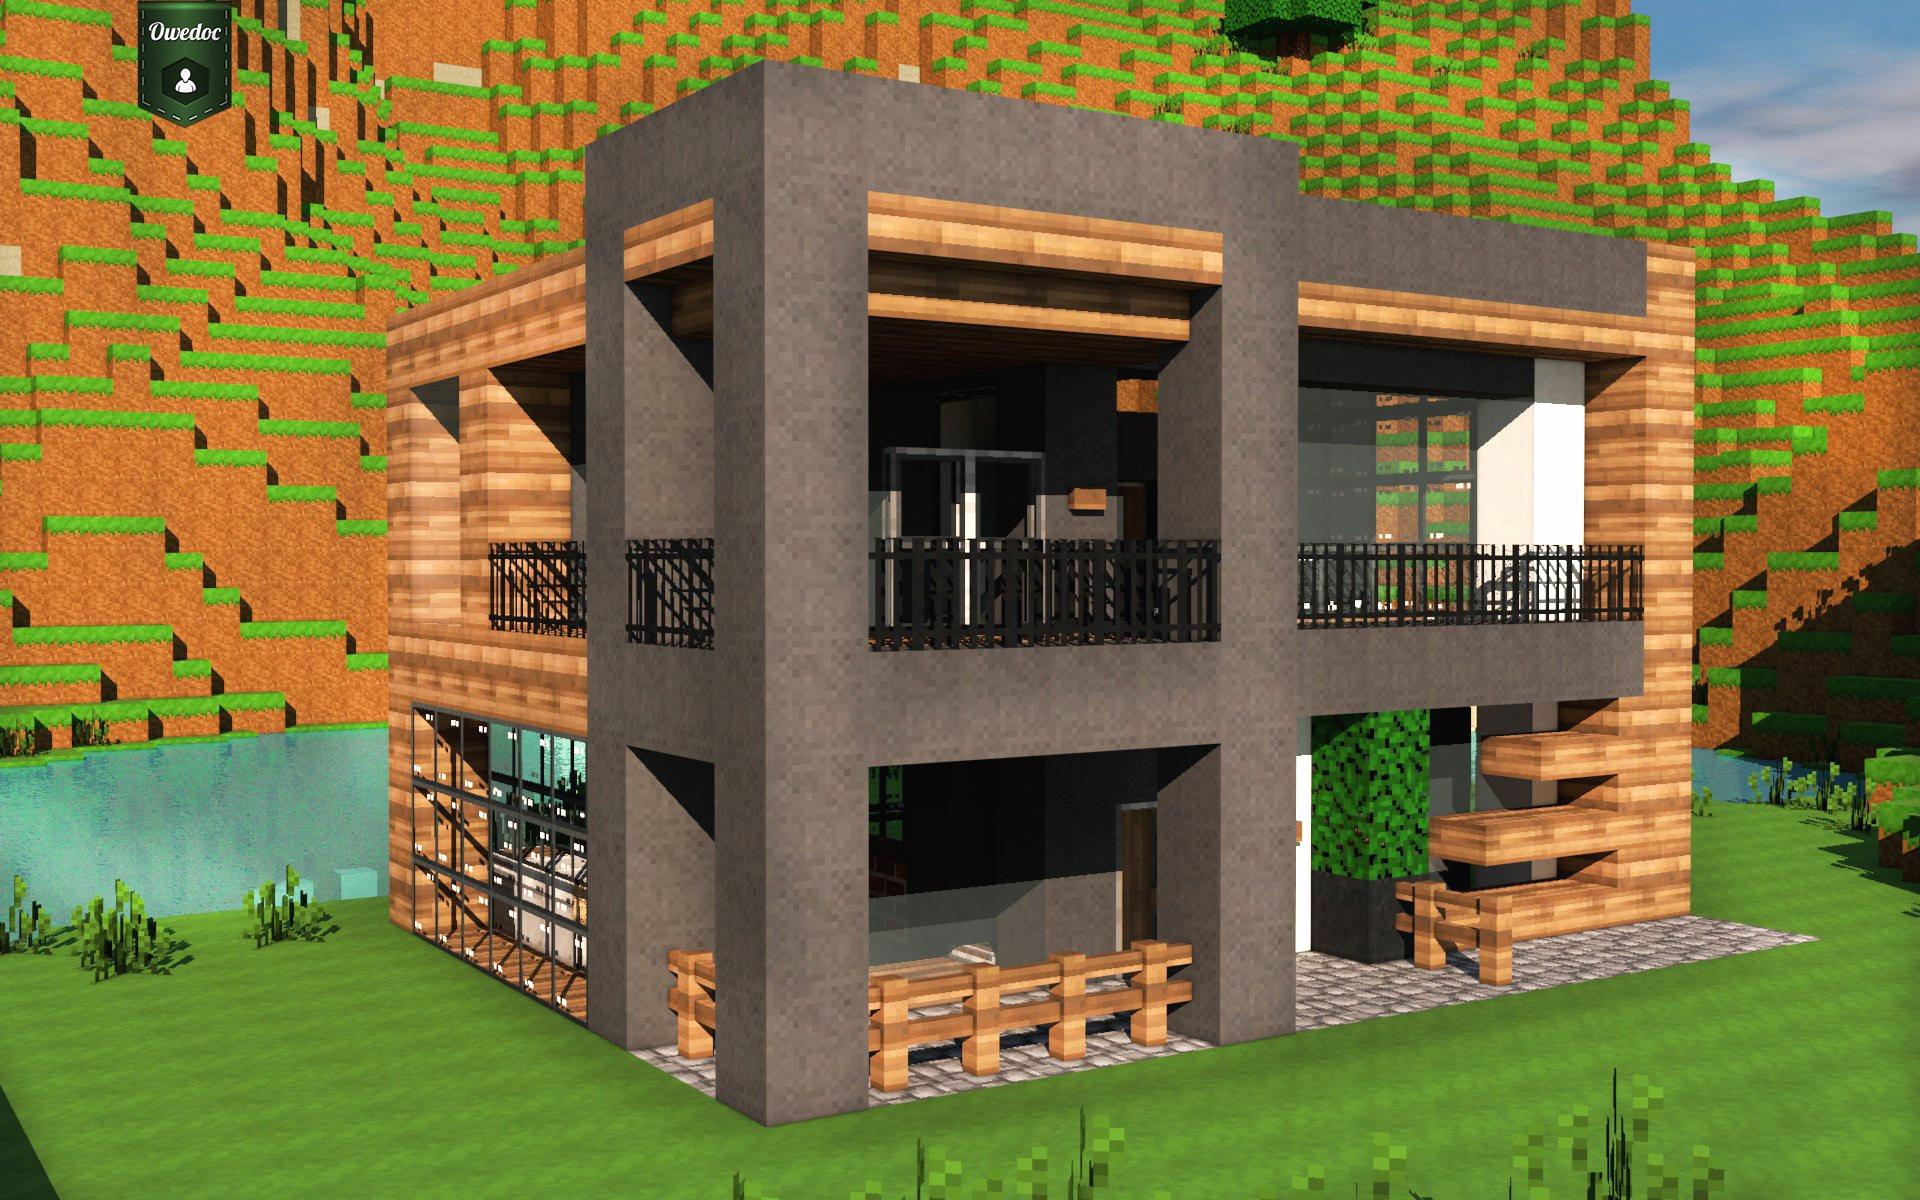 Meuble Moderne Minecraft Unique Photos Cuisine Moderne Minecraft Nouveau Grande Maison Minecraft Maison R